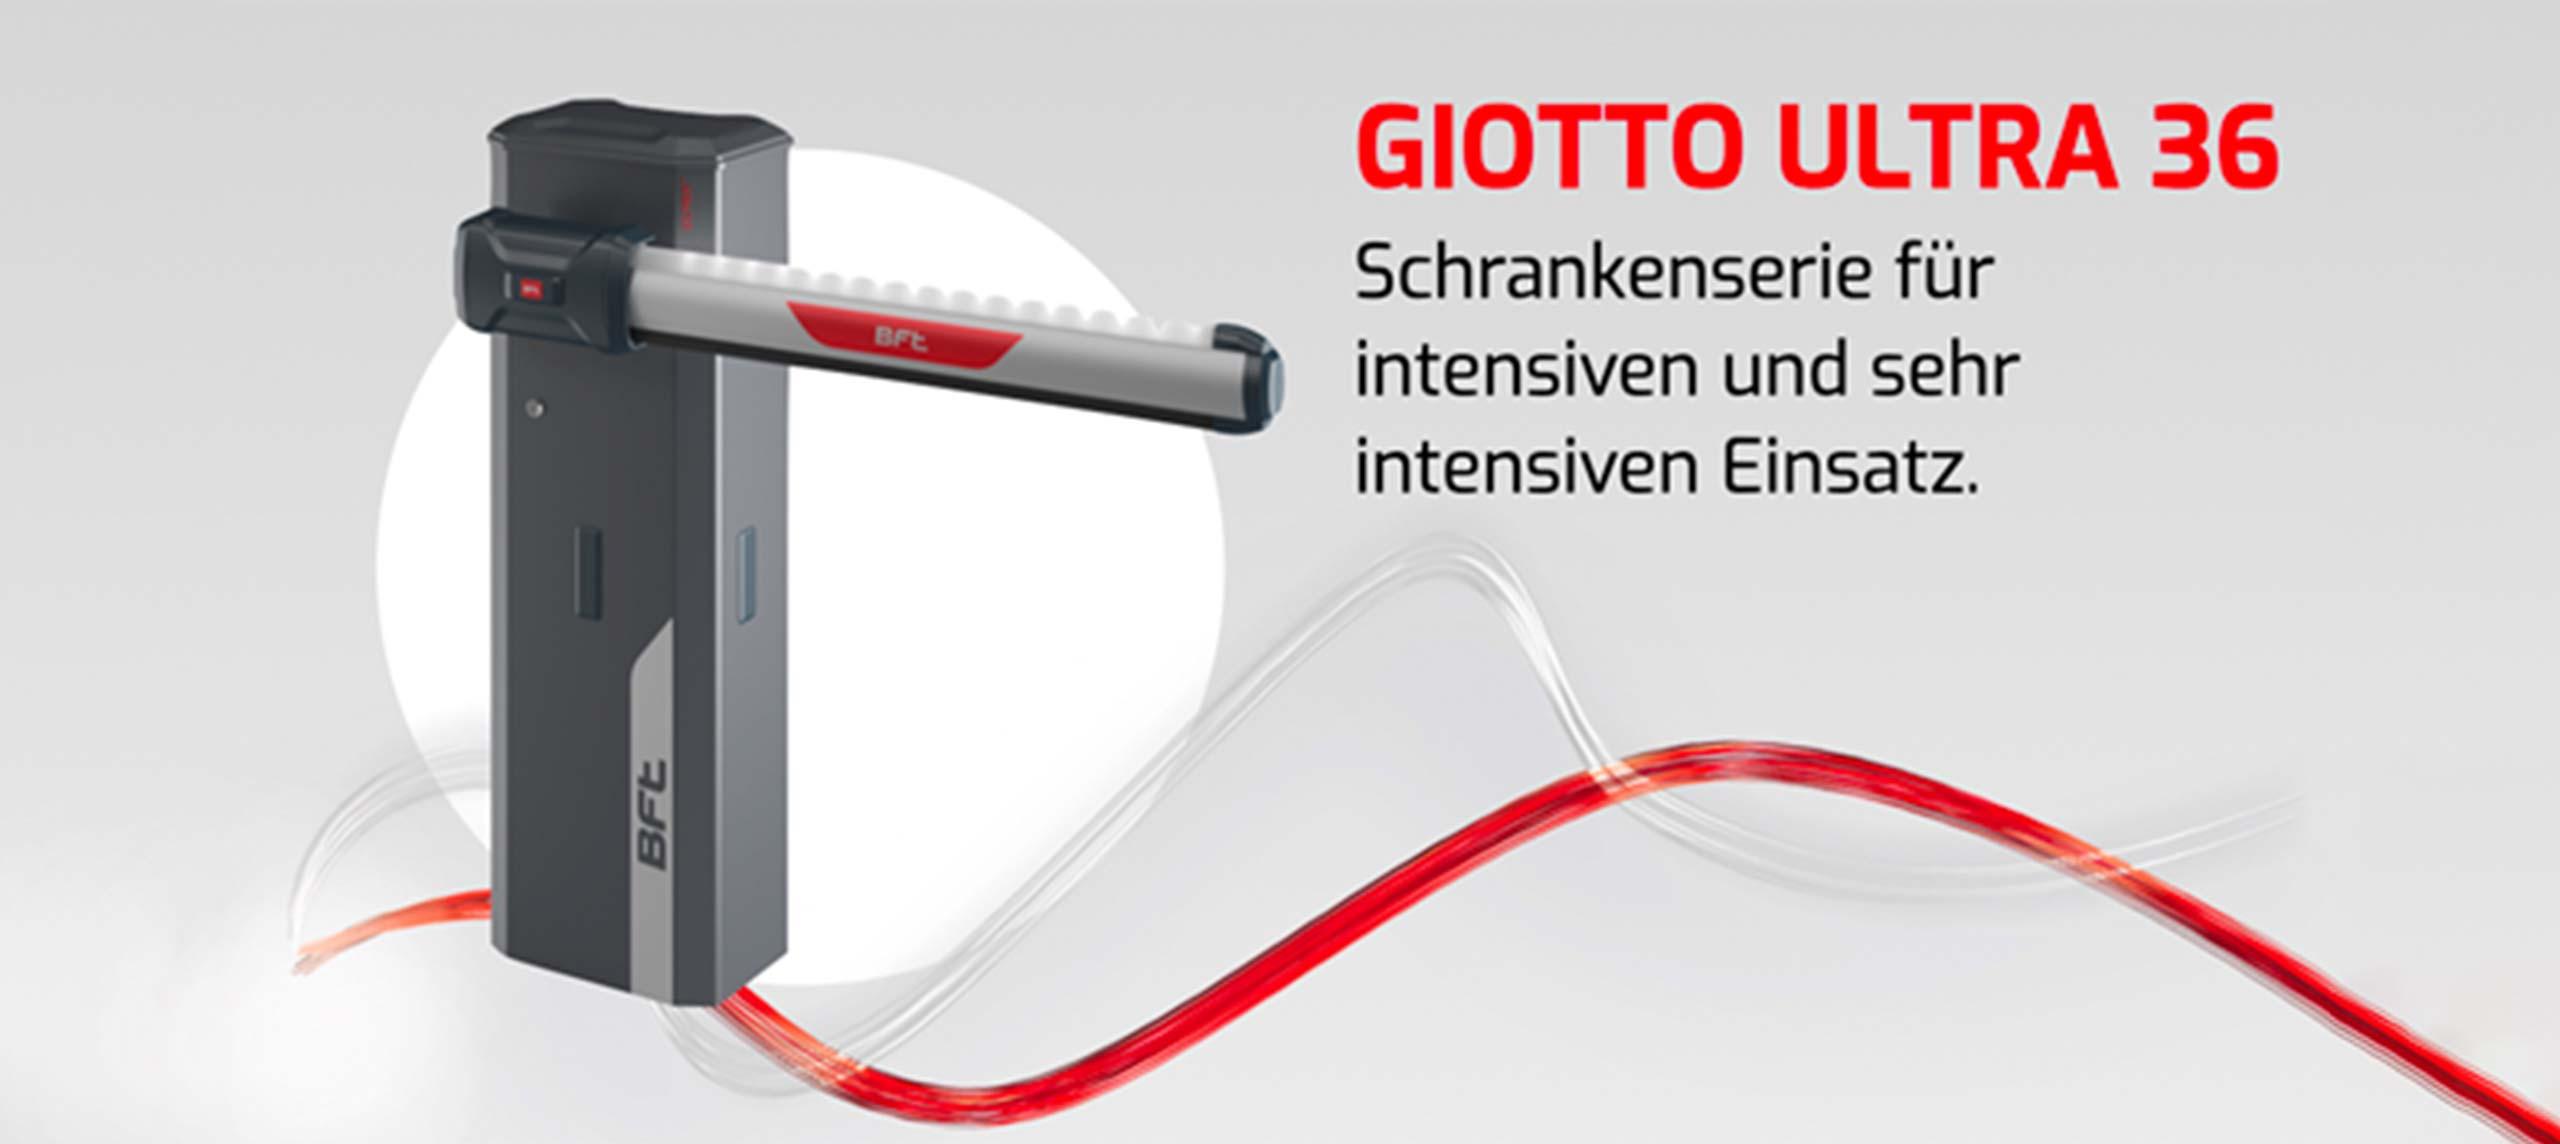 Giotto Ultra 36 – Schrankenserie für intensiven uns sehr intensiven Einsatz.